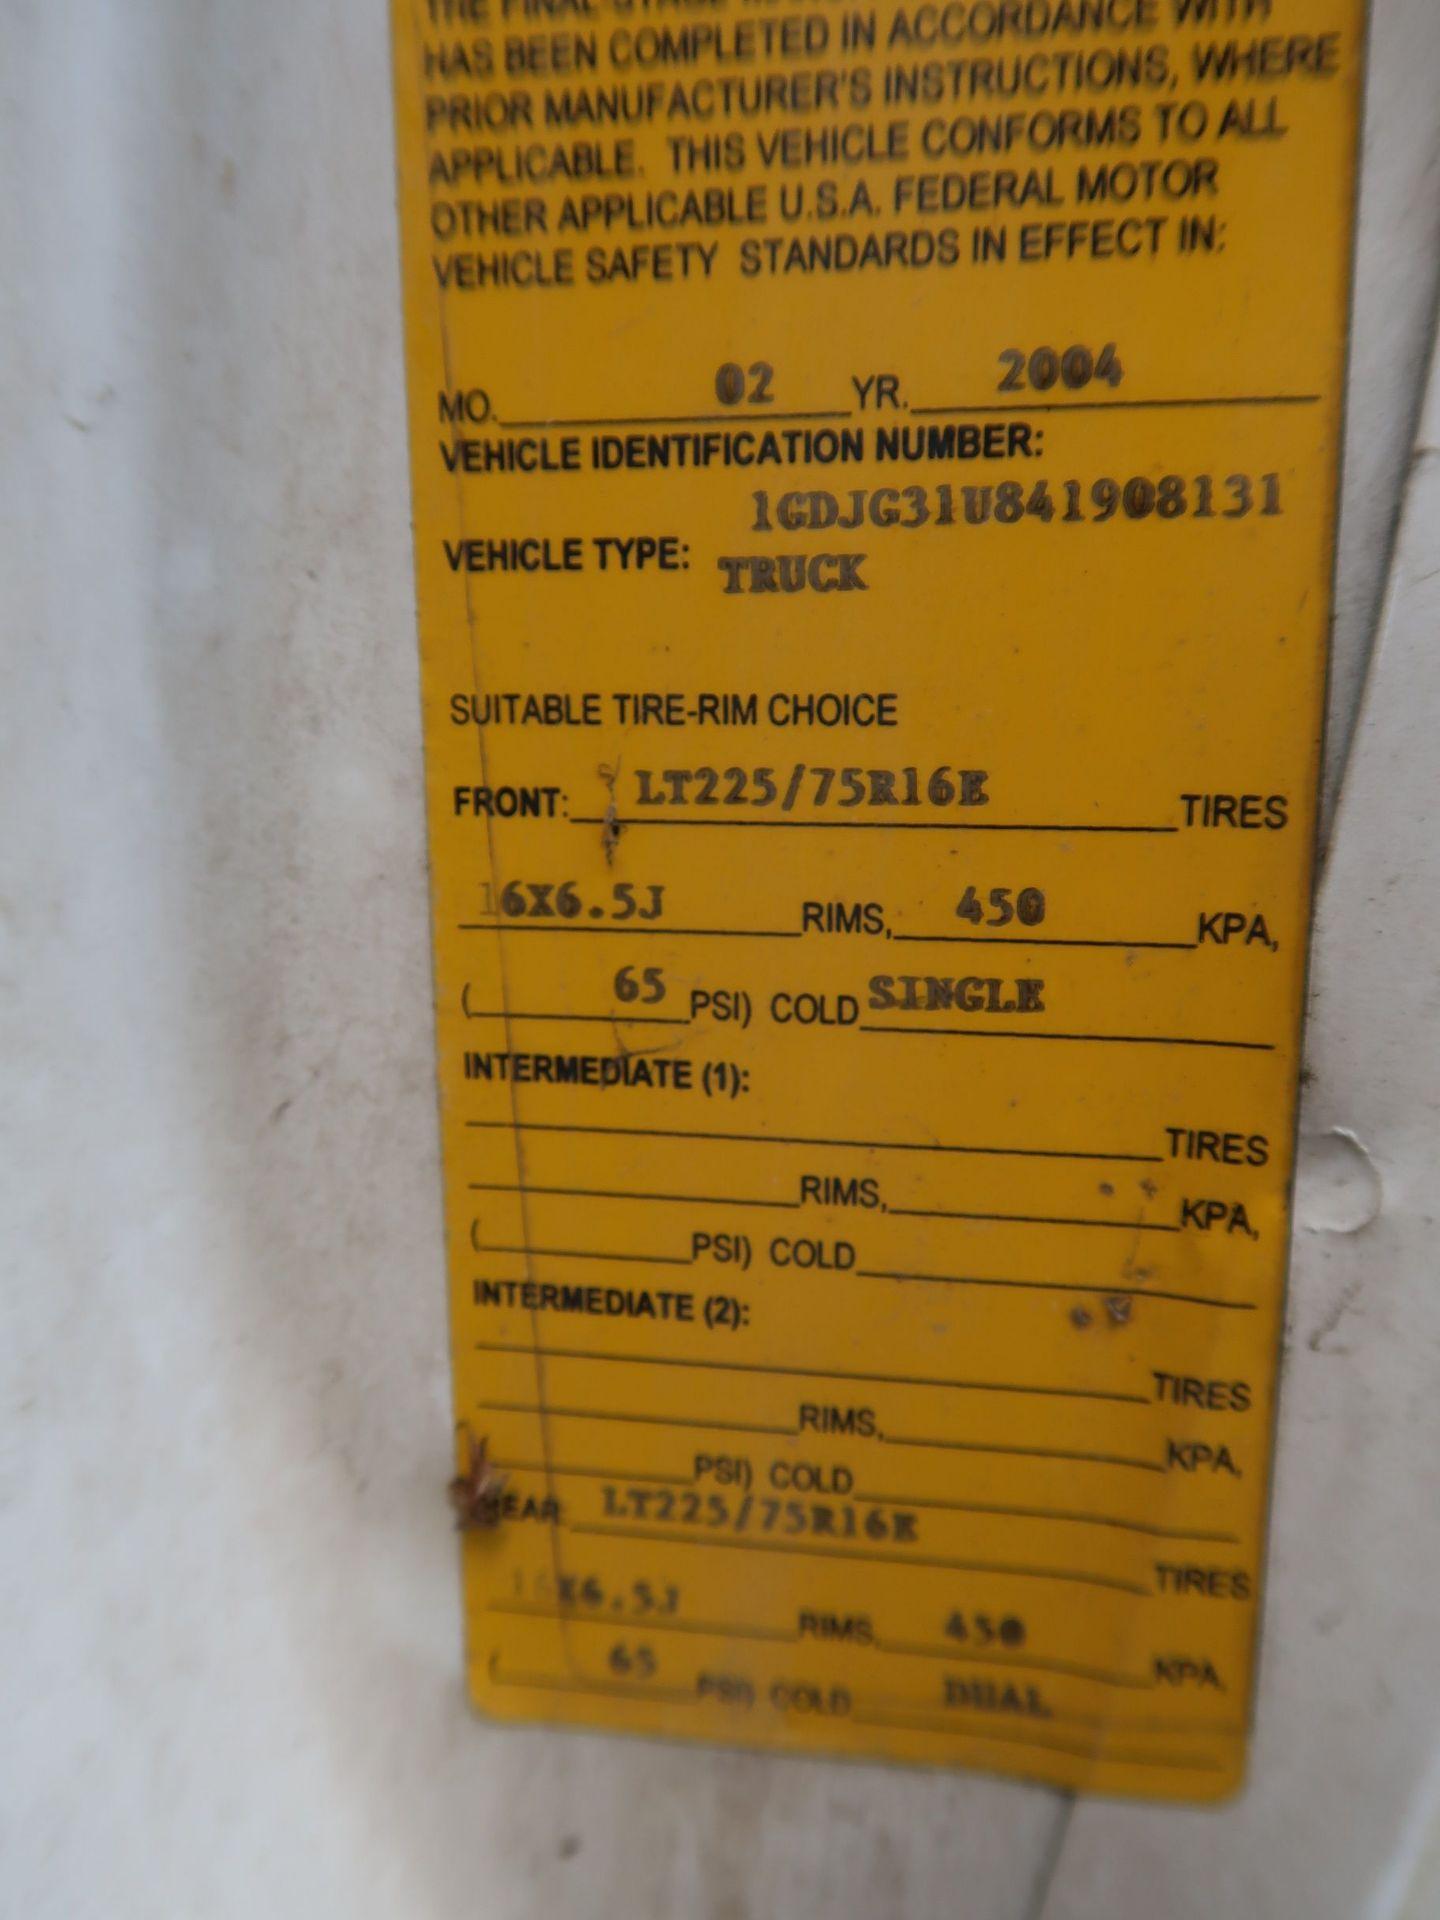 Lot 1000 - 2004 GMC 16' BOX TRUCK; VIN 1GDJG31U841908131, UNKNOWN MILES (UNIT 690)